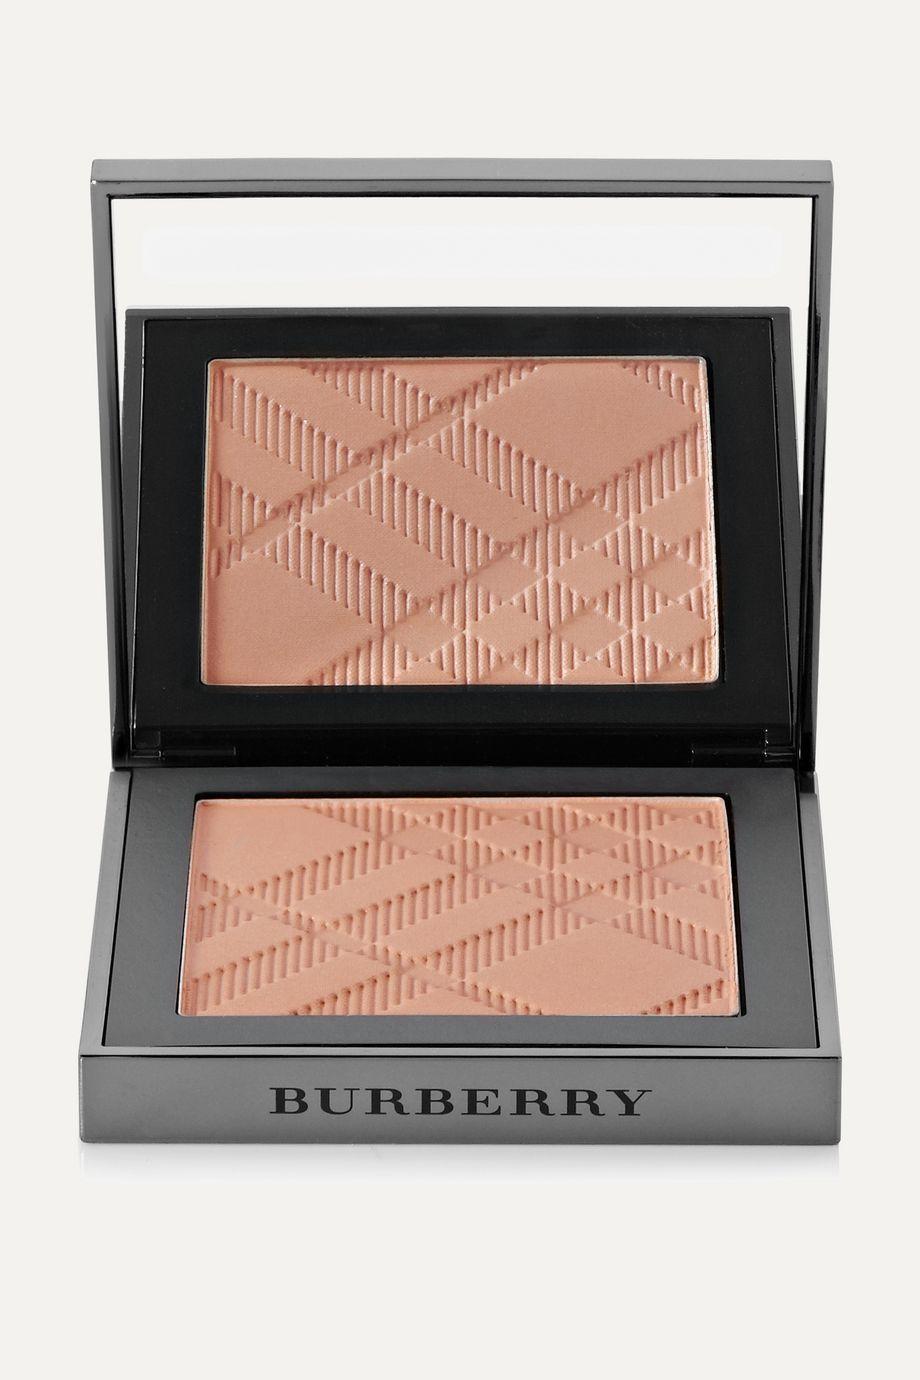 Burberry Beauty Warm Glow Bronzer - Warm Glow No.01